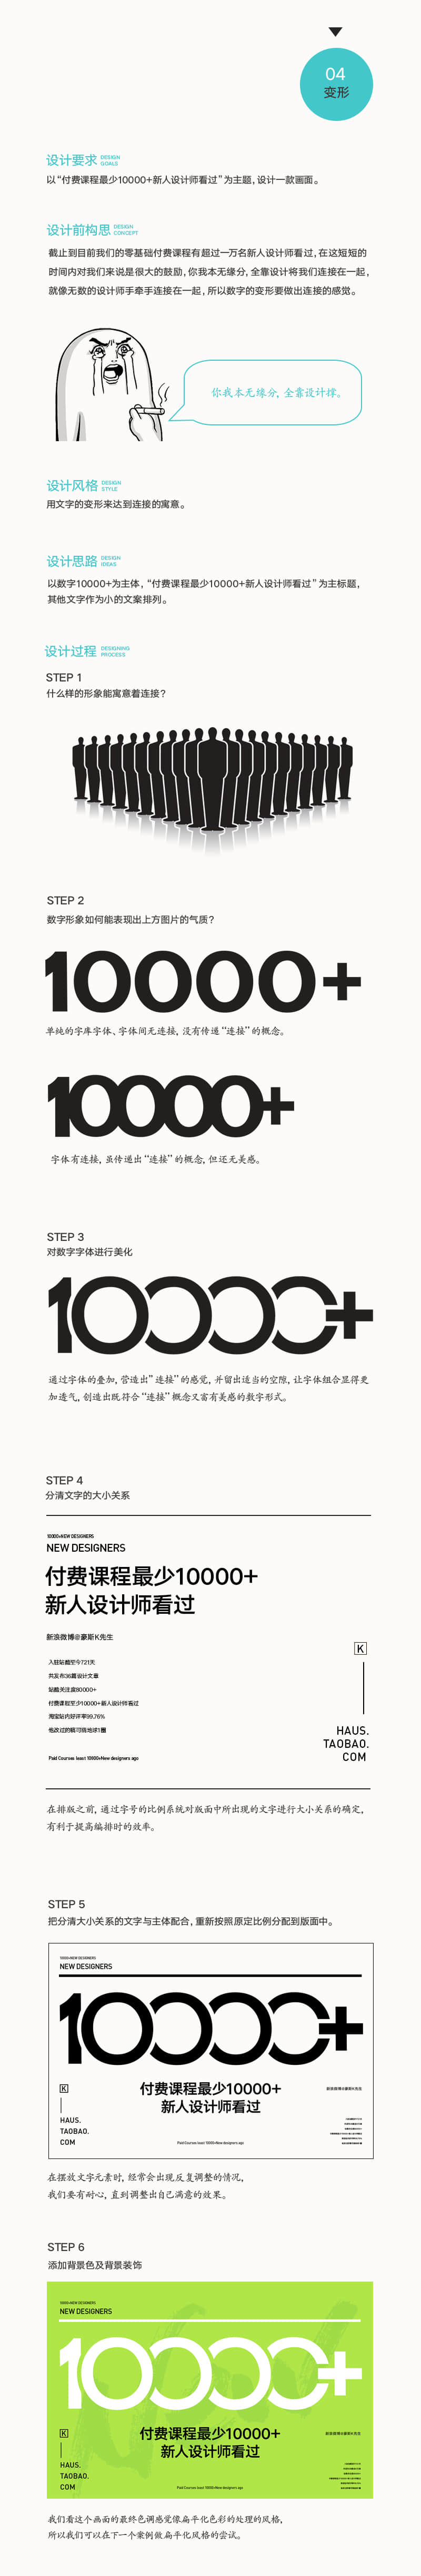 6种以数字为主体的平面设计方案参考 平面设计方案 ps设计思路  ruanjian jiaocheng